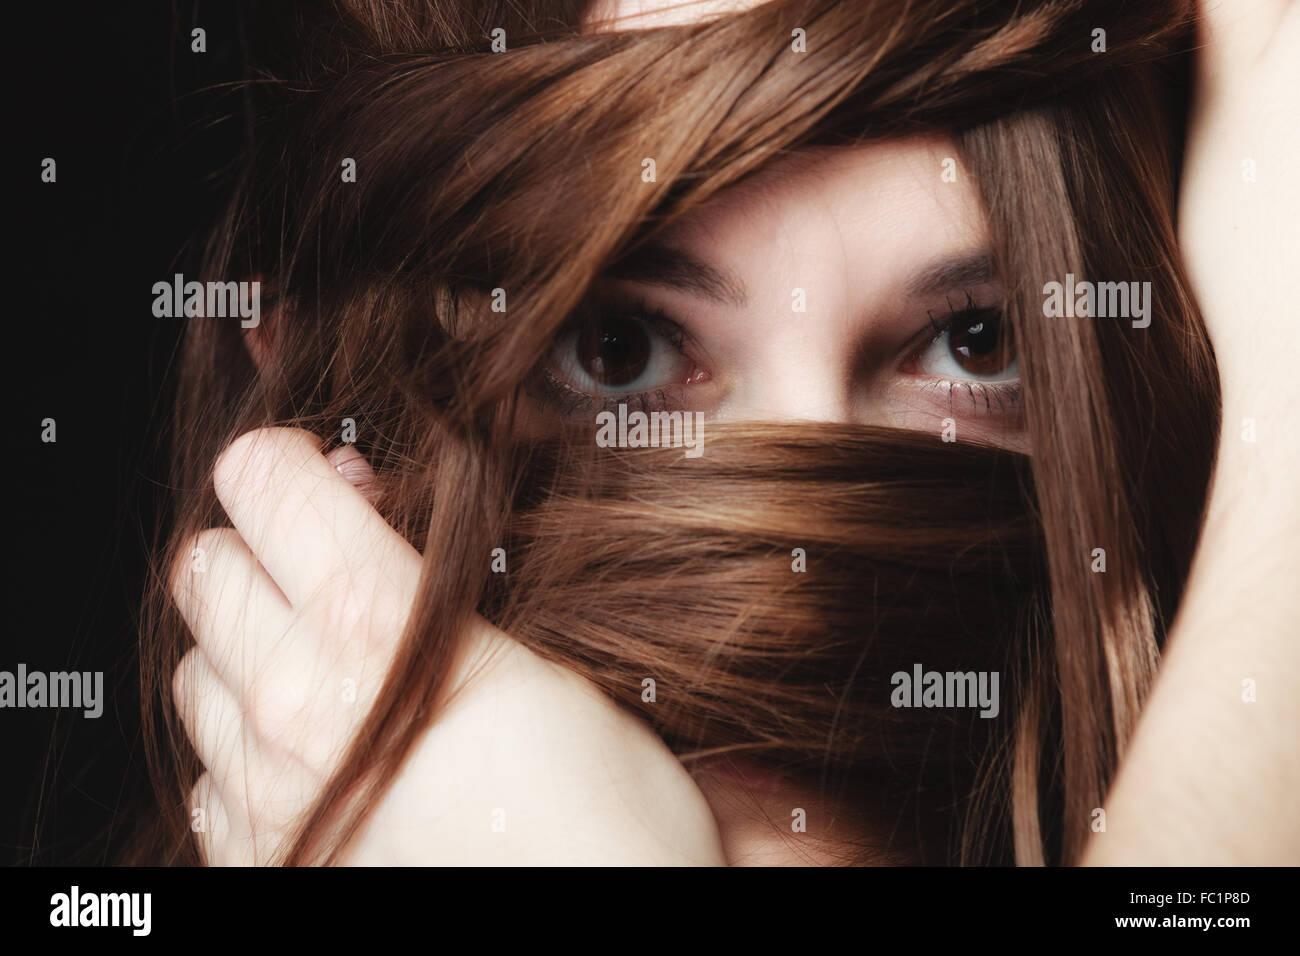 La donna ricopre la faccia da lunghi peli di colore marrone Foto Stock